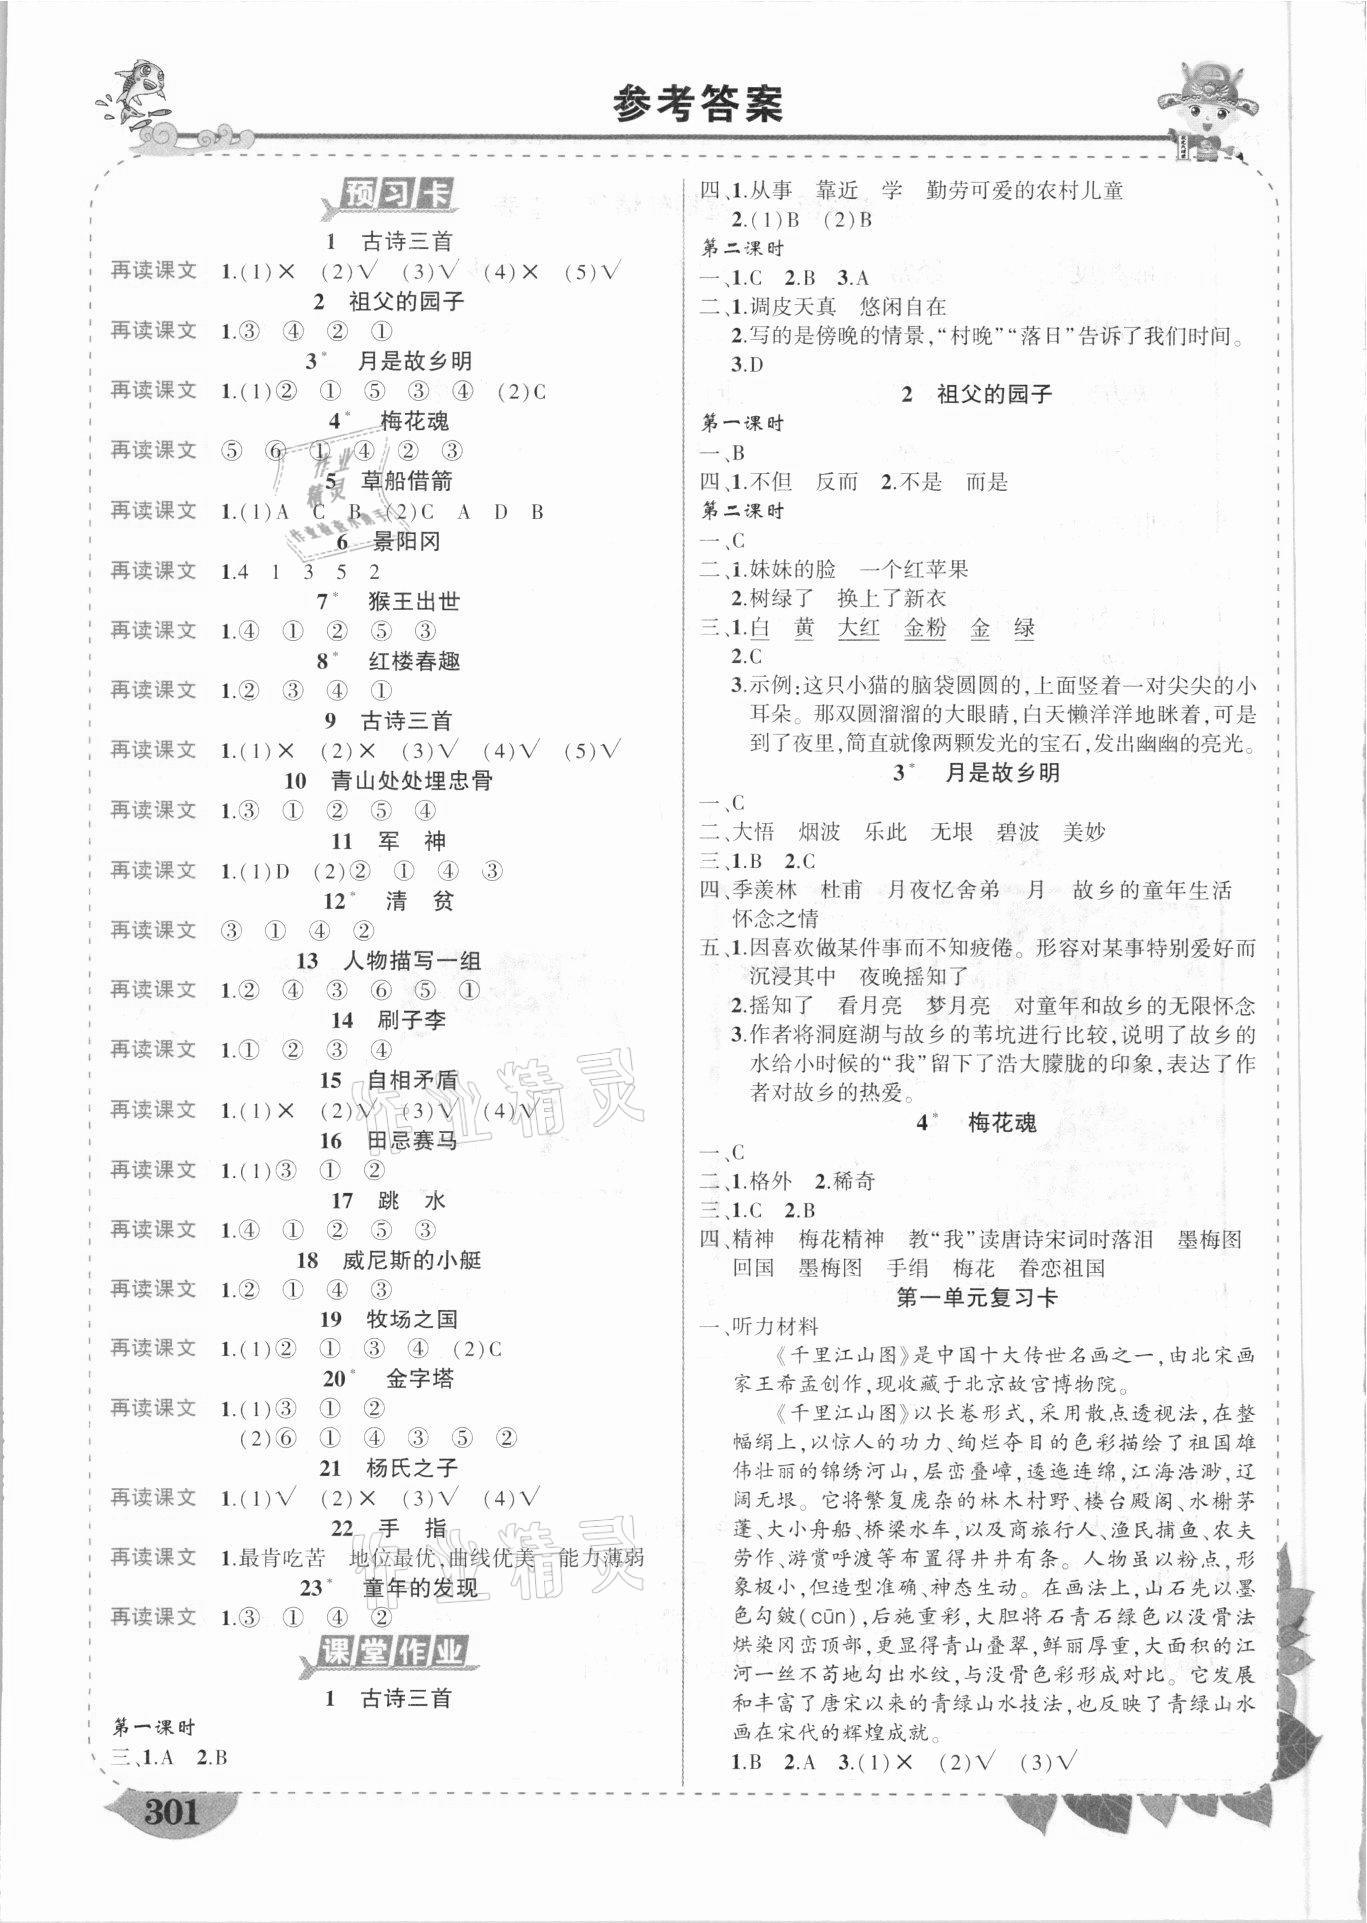 2021年黄冈状元成才路状元大课堂五年级语文下册人教版云南专版参考答案第1页